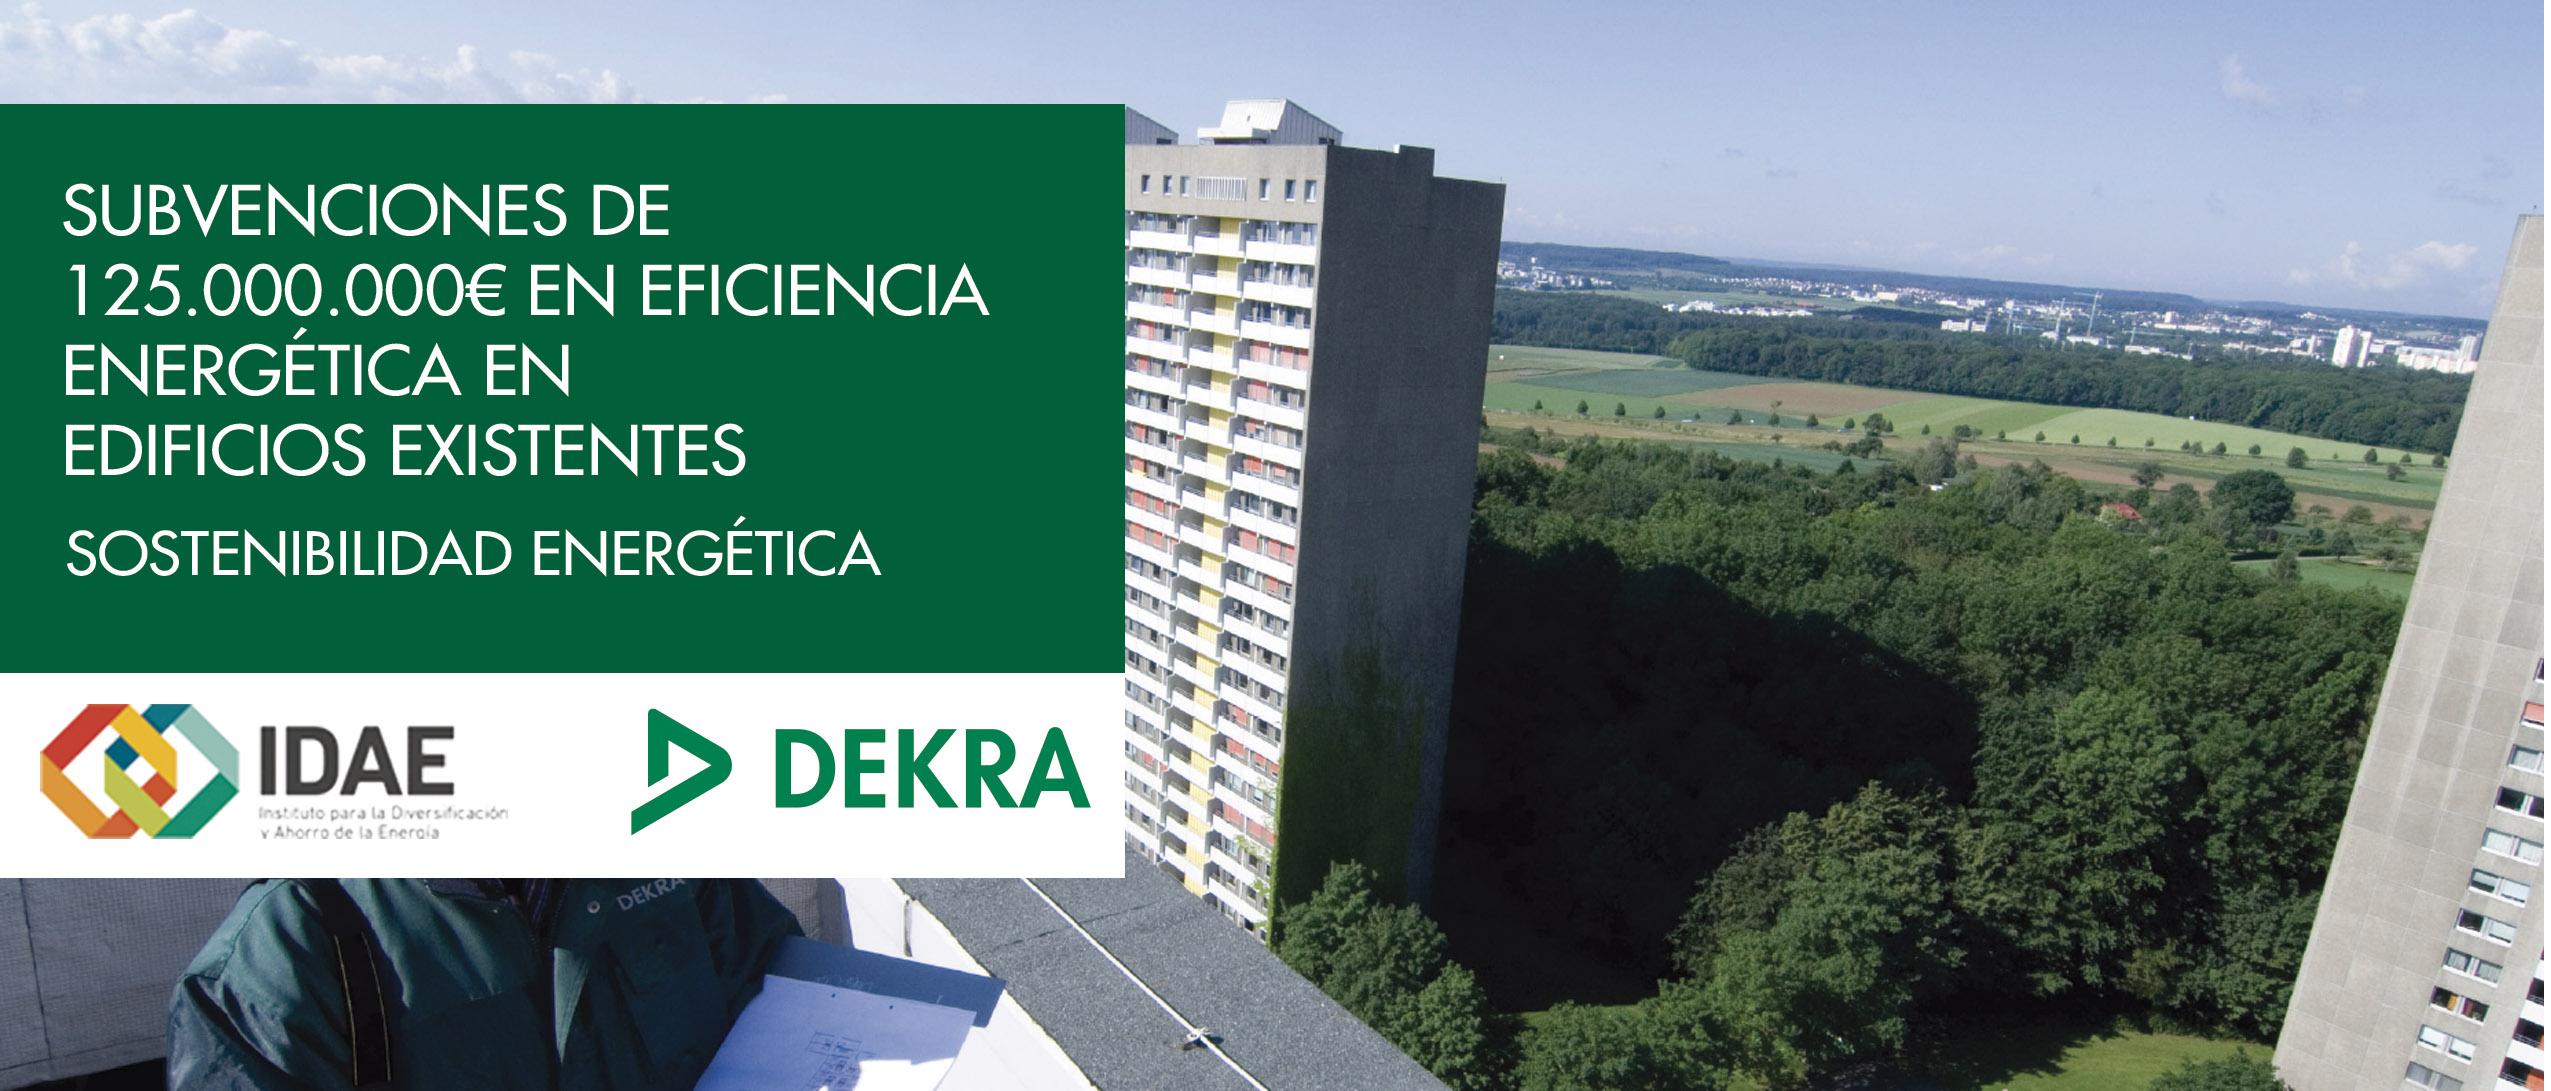 2ª Convocatoria Del Programa De Ayudas Para La Rehabilitación Energética De Edificios Existentes (Programa PAREER II)